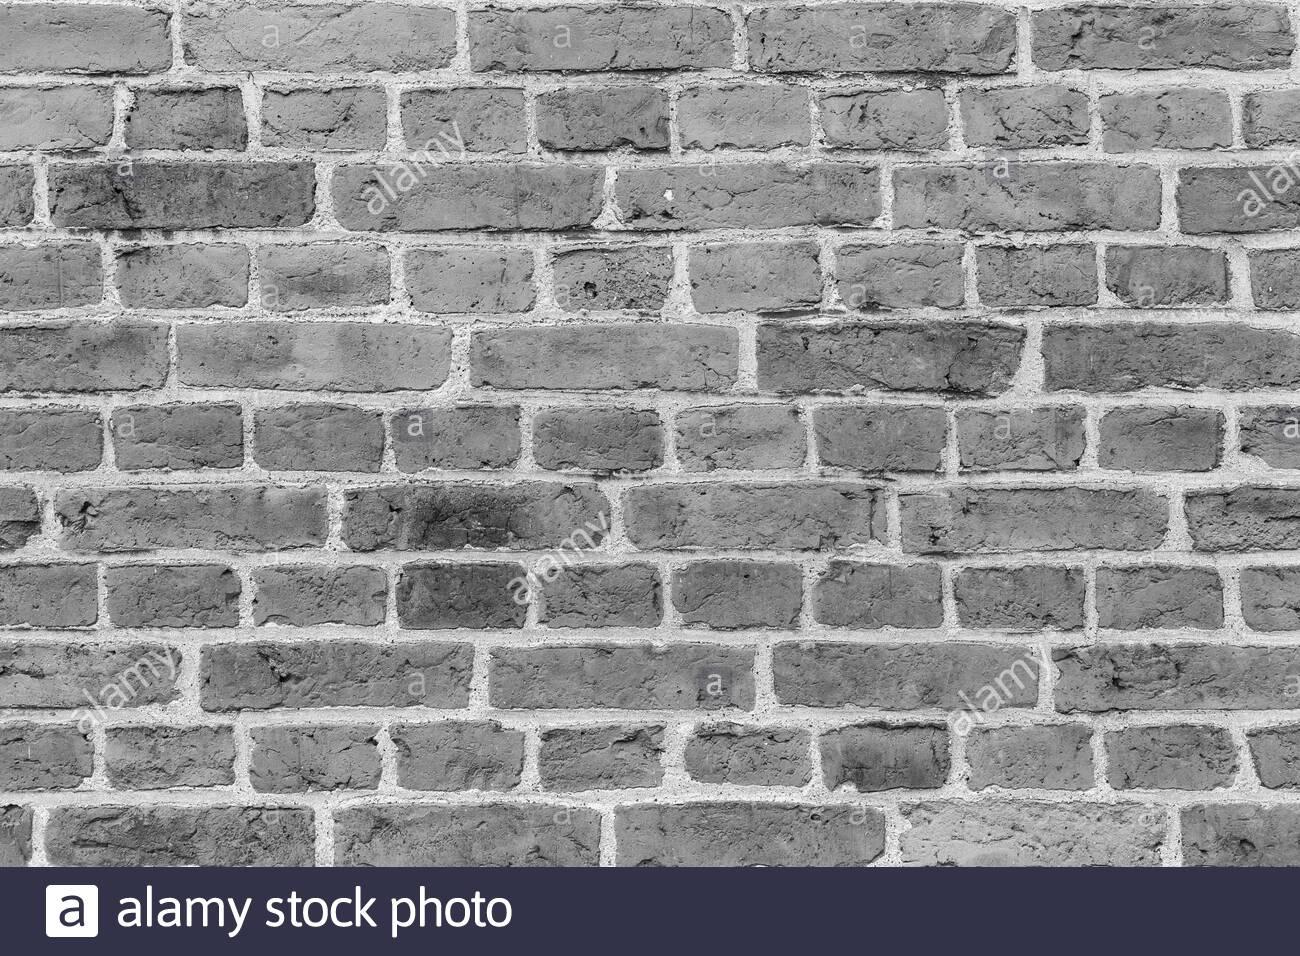 decorative old brick walldecorative old church walldecorative old brick wall Stock Photo